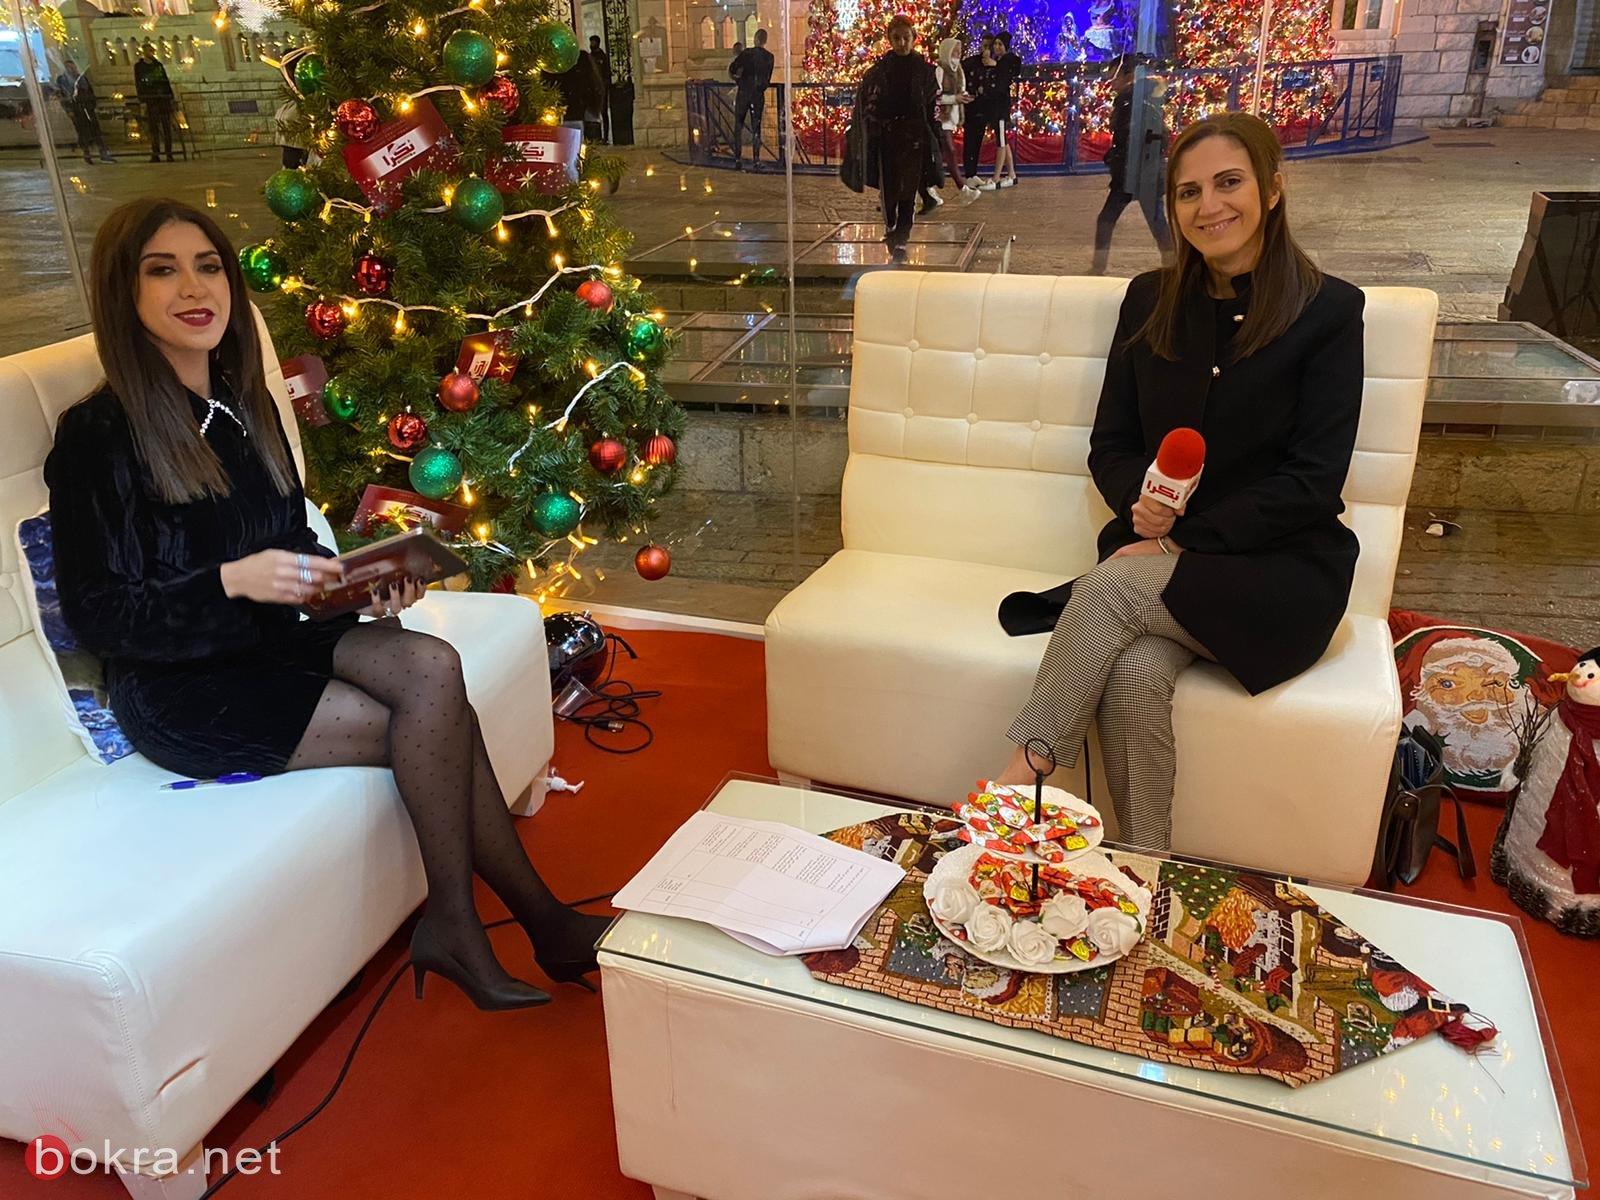 """اليوم اختتام فعاليات ستوديو كريسماس بكرا""""، مقابلات حصرية وخاصة-2"""